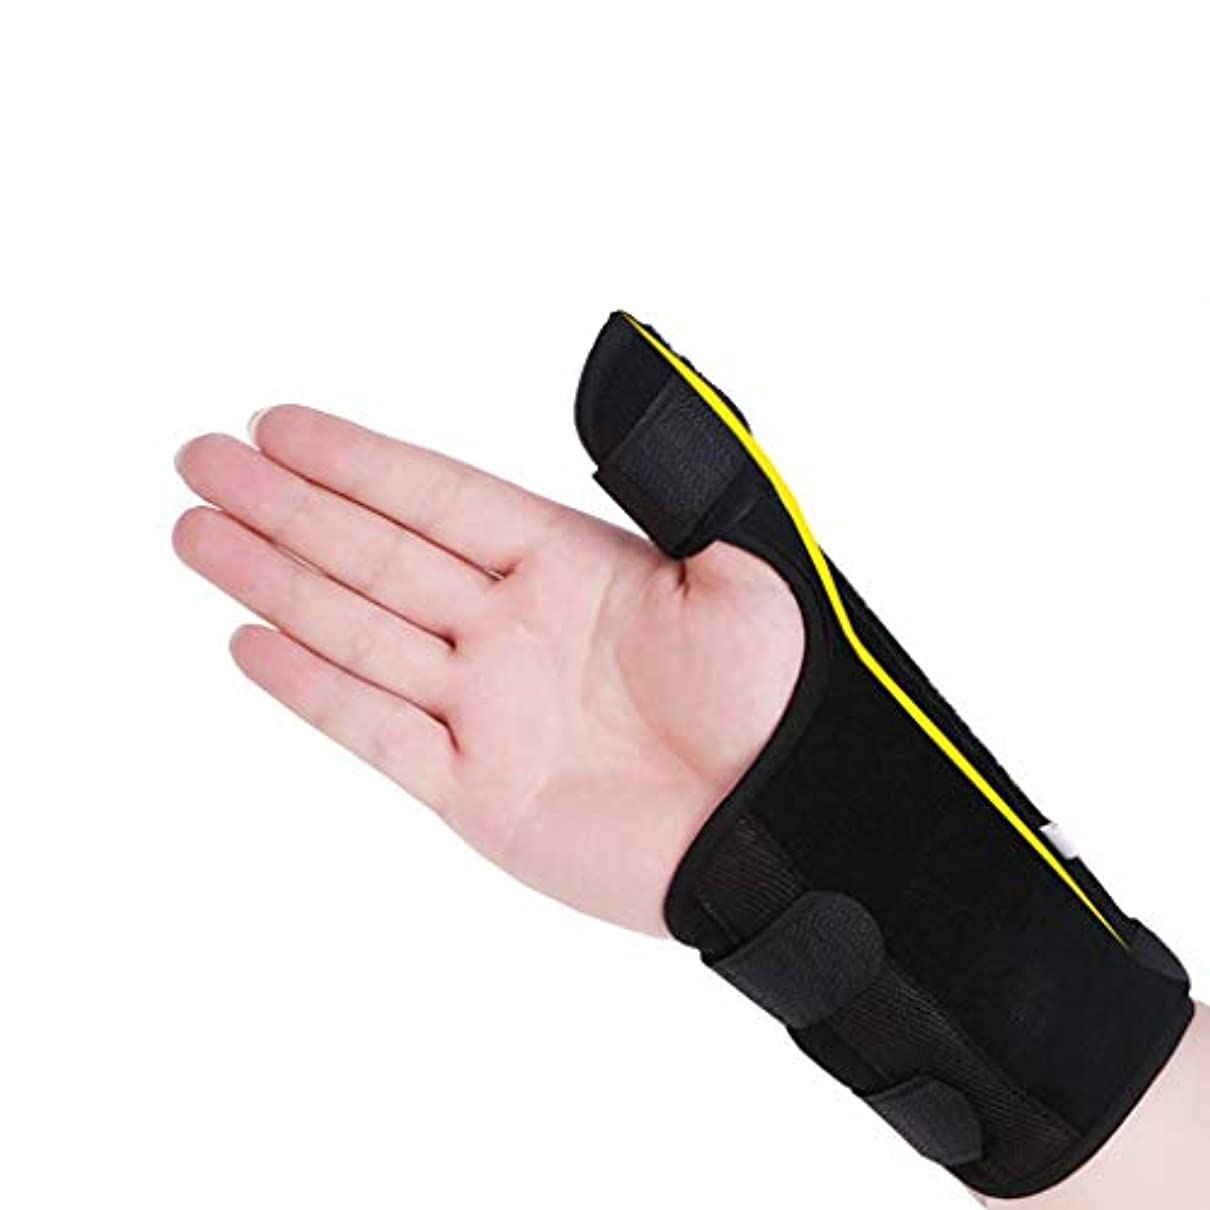 緊急選挙無視できる親指サポートガード、軽量で通気性、関節の手根管のための作り付けの副木を使用して安定した無制限の柔らかいティッシュの傷害,Right,M